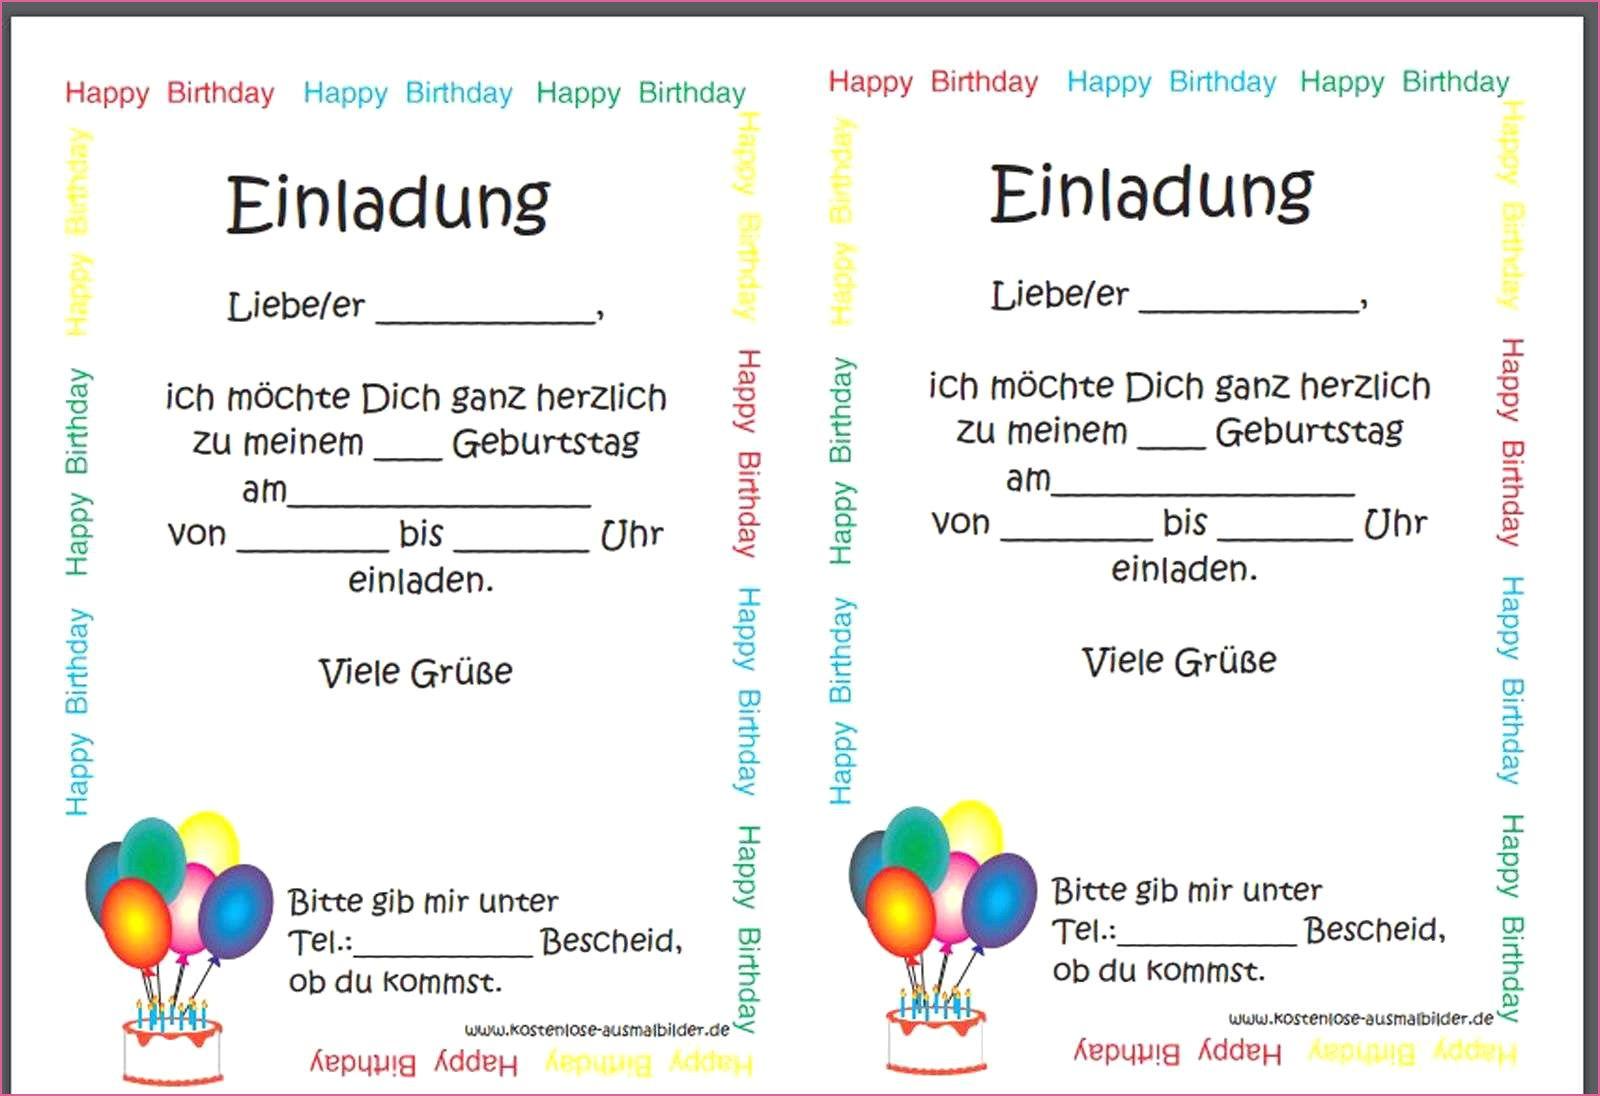 Fein Einladung Brunch Lustig In 2020 Einladungskarten Kindergeburtstag Text Vorlage Einladung Kindergeburtstag Einladungen Geburtstag Kostenlos